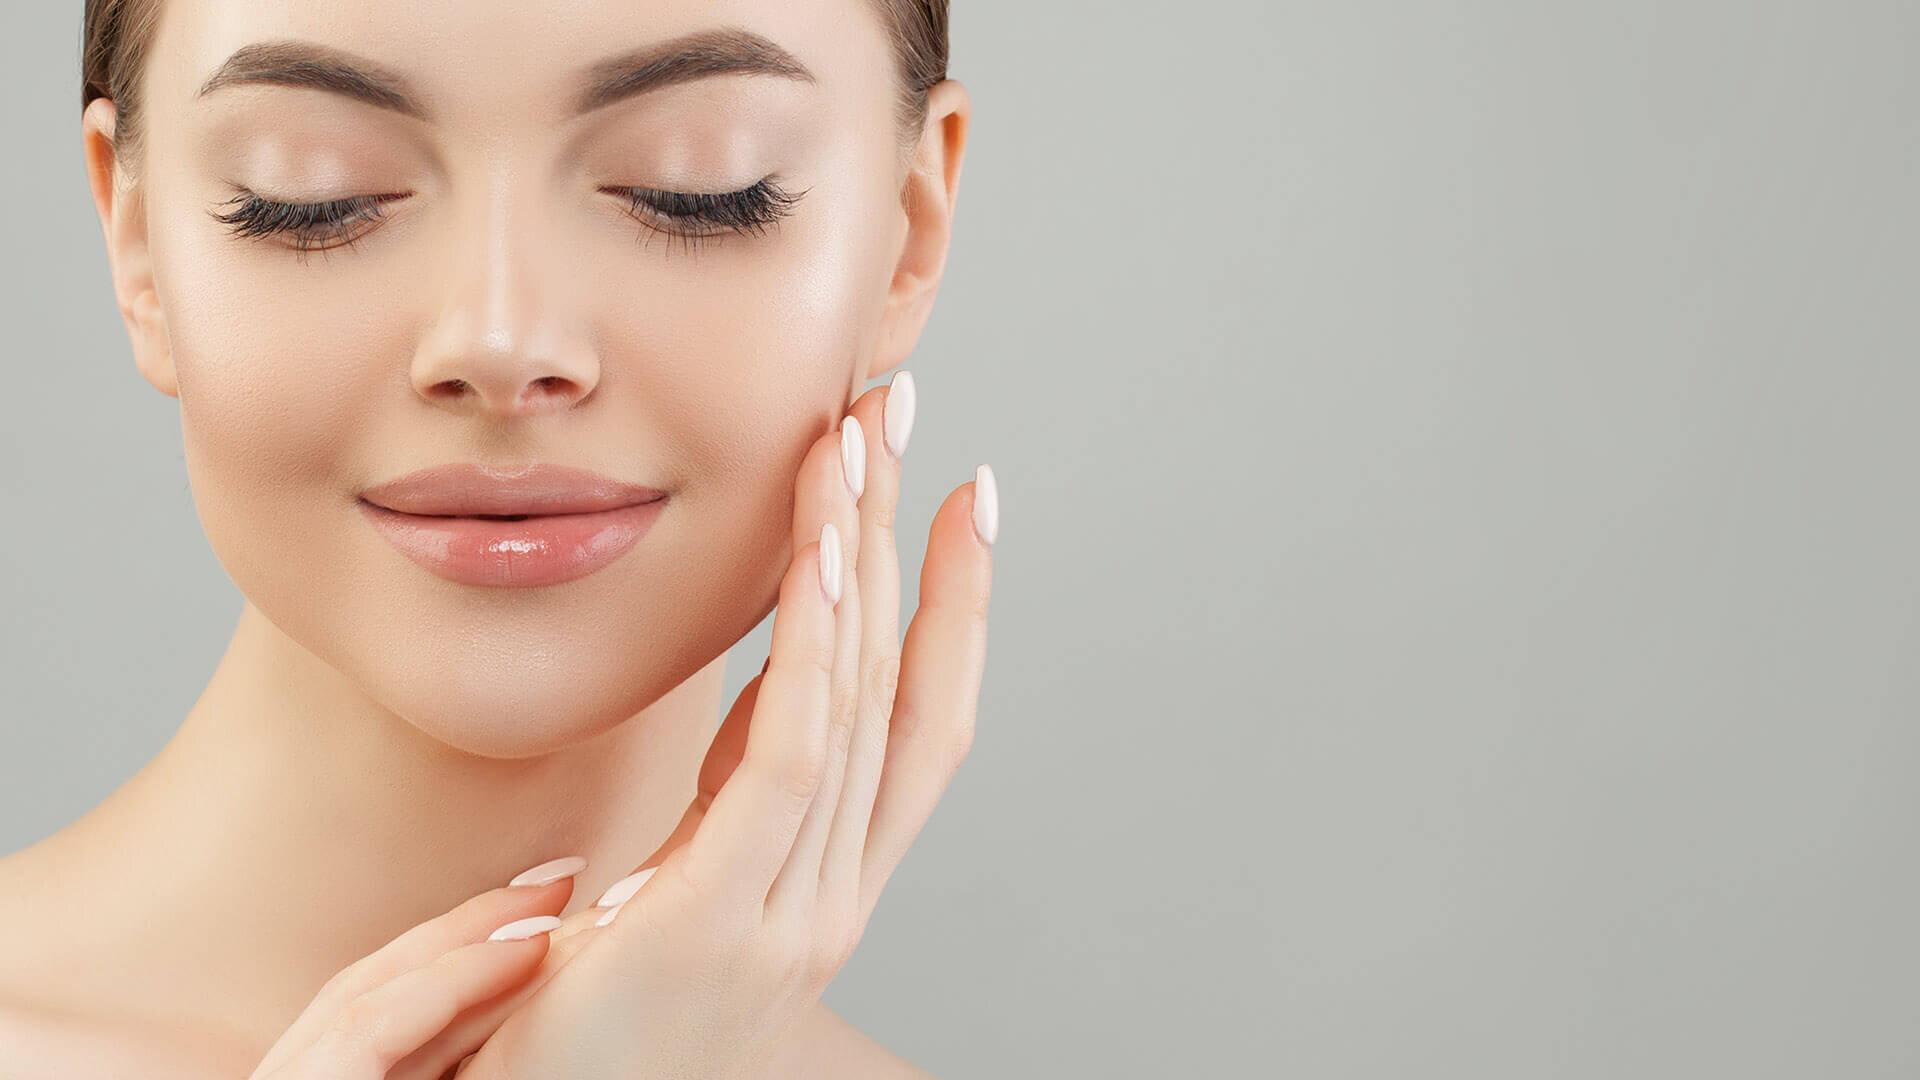 miti da sfatare sulla medicina estetica